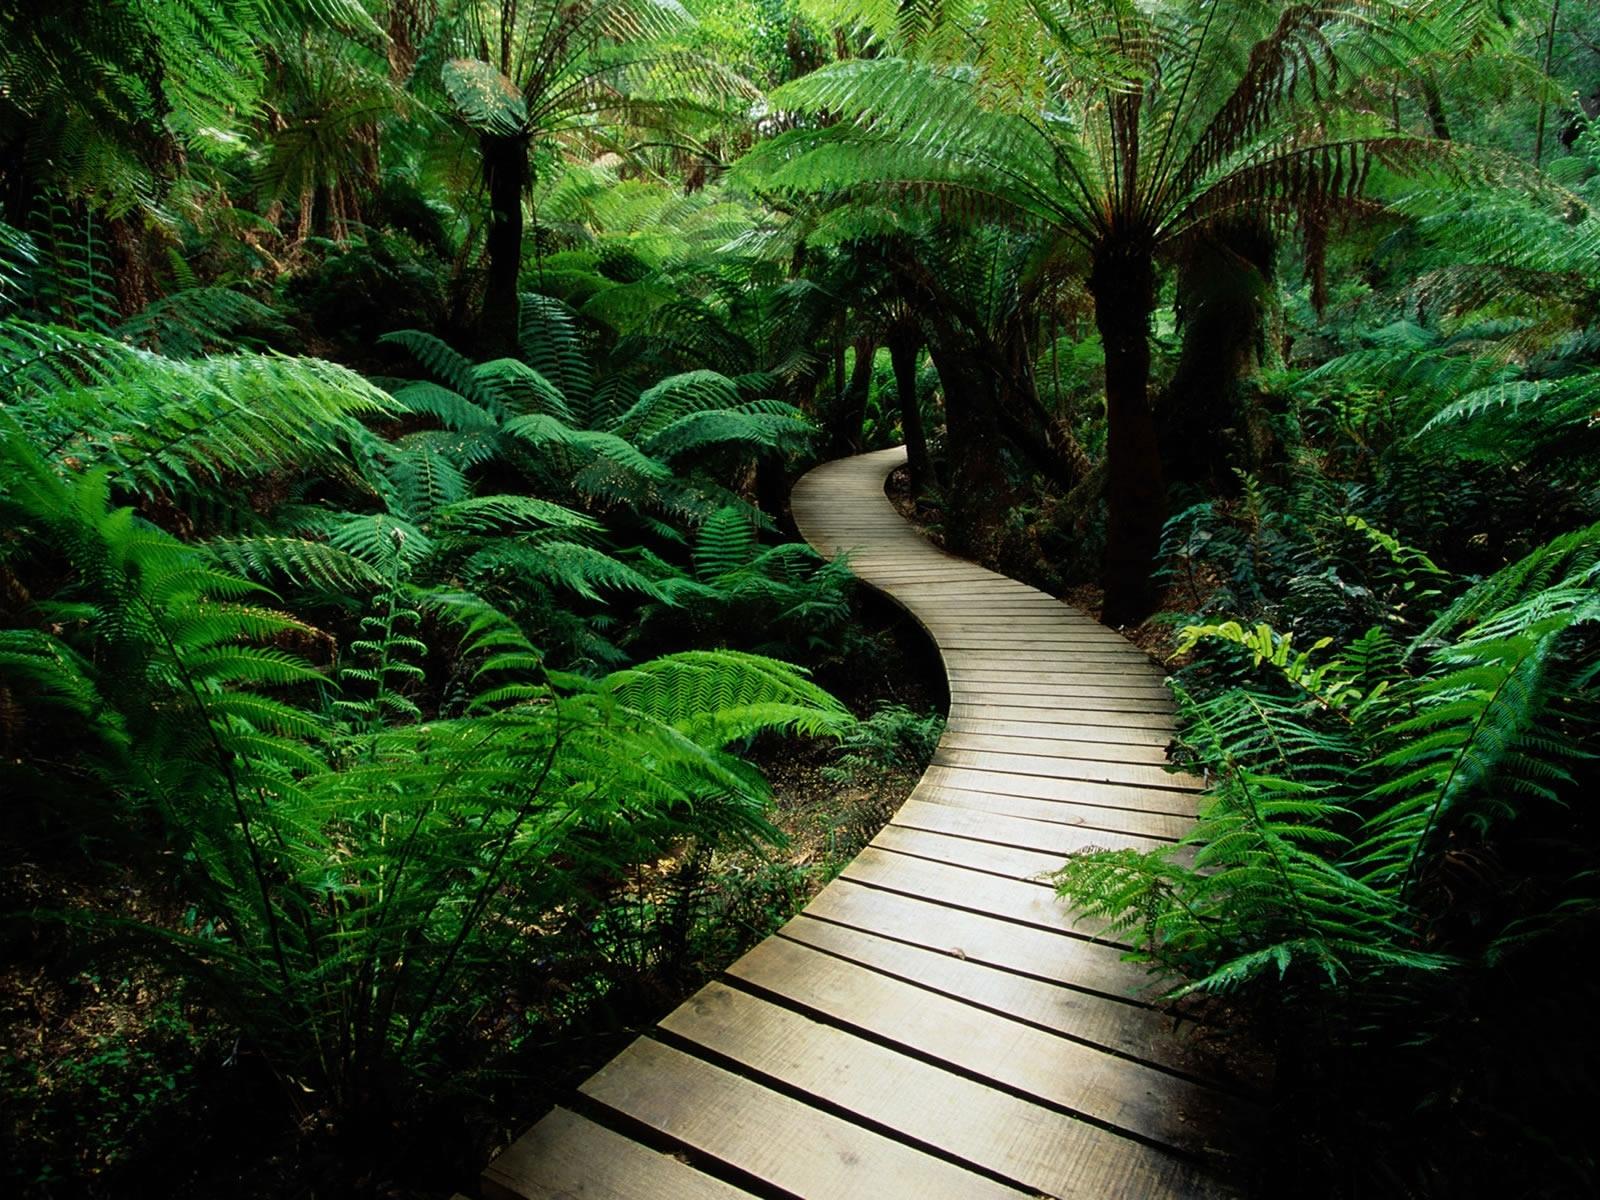 1123 Hintergrundbild herunterladen Pflanzen, Landschaft, Bäume, Roads, Palms - Bildschirmschoner und Bilder kostenlos